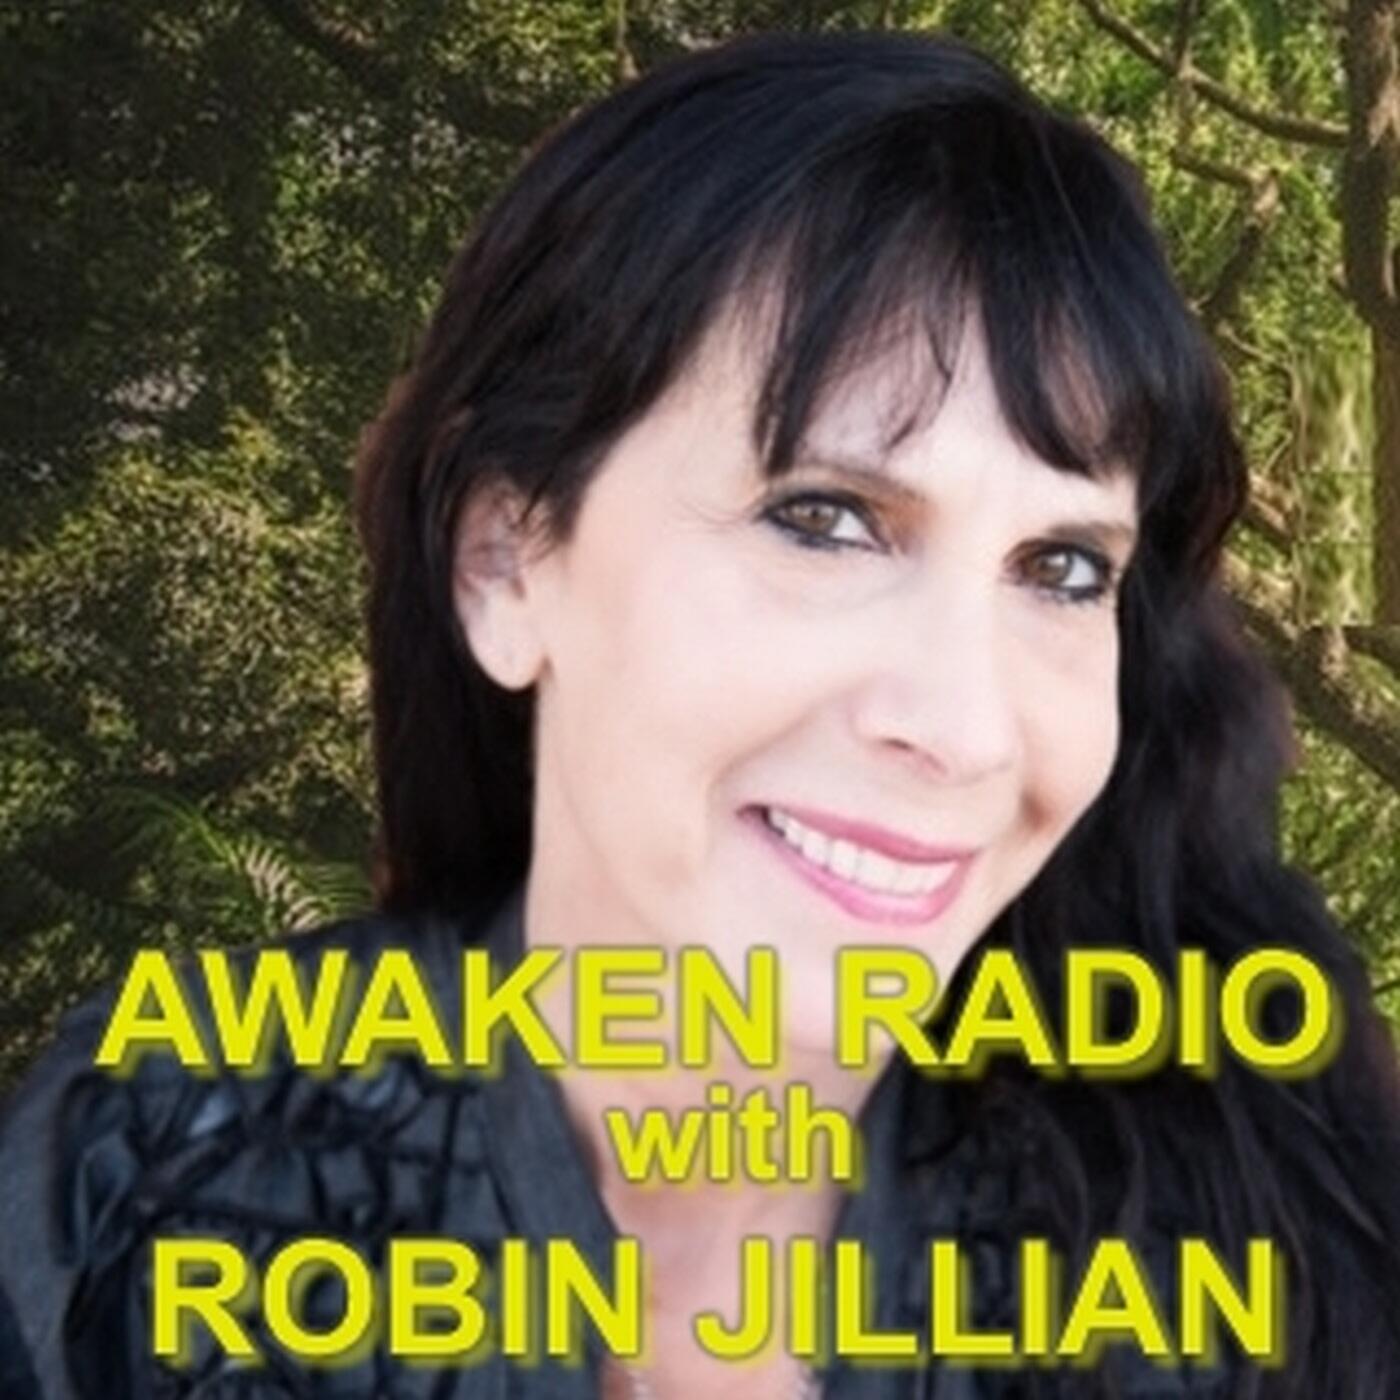 Awaken Radio with Robin Jillian